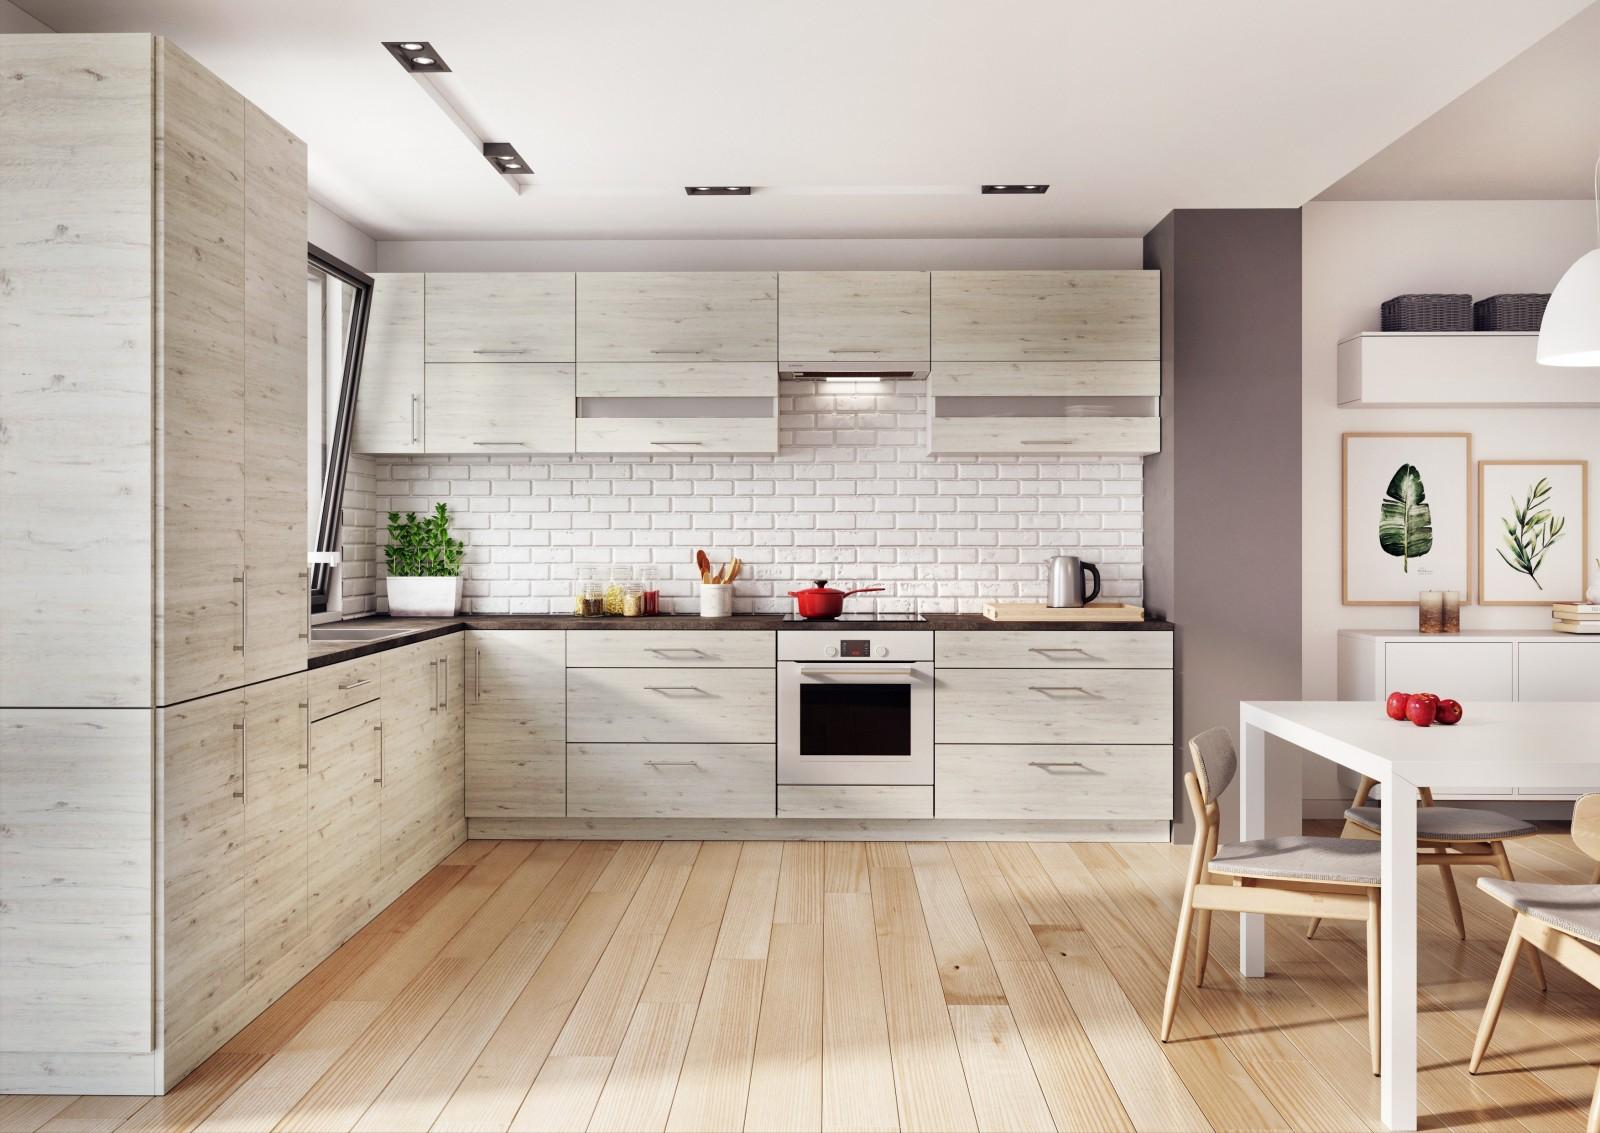 Jak Zaaranżować Kuchnię Otwartą Na Salon Majster Zrób To Sam